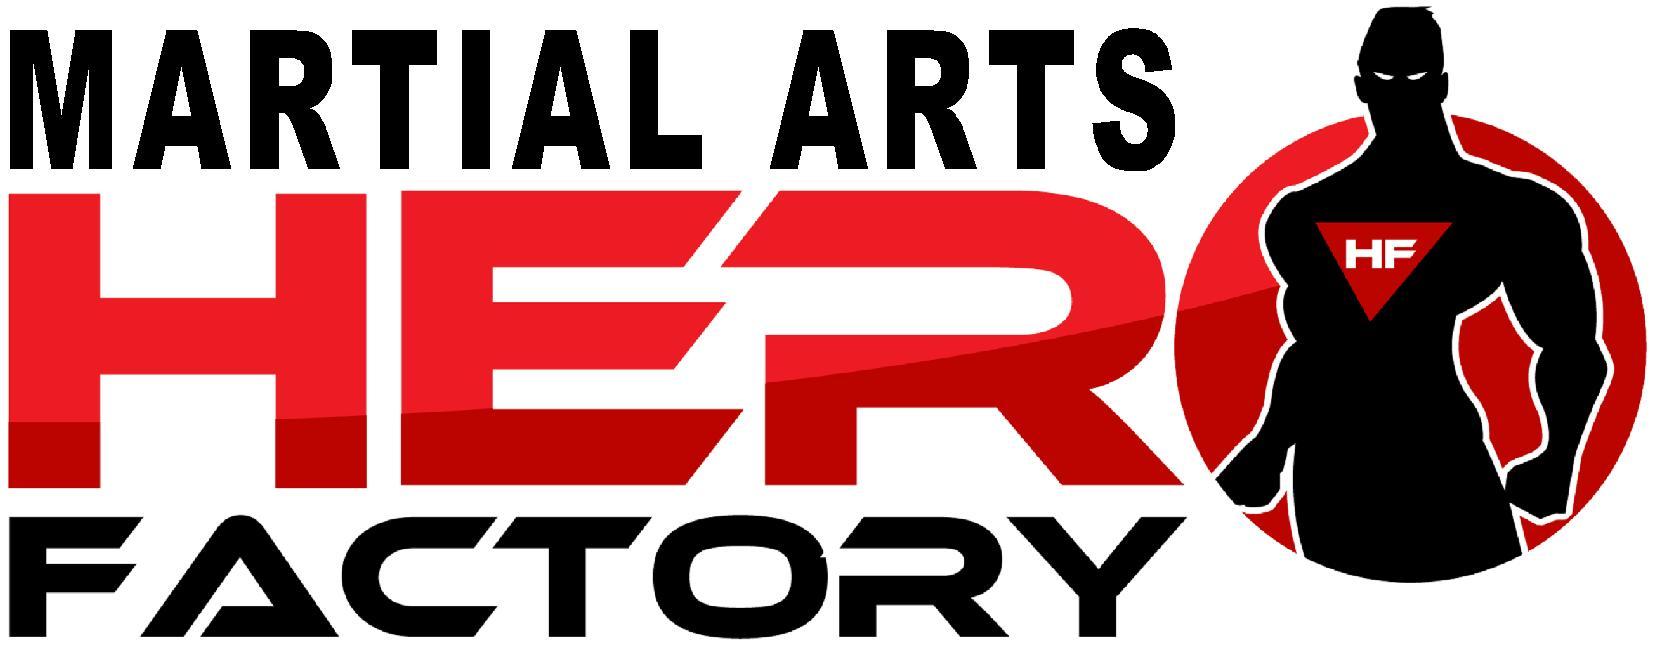 Martial Arts Hero Factory image 0